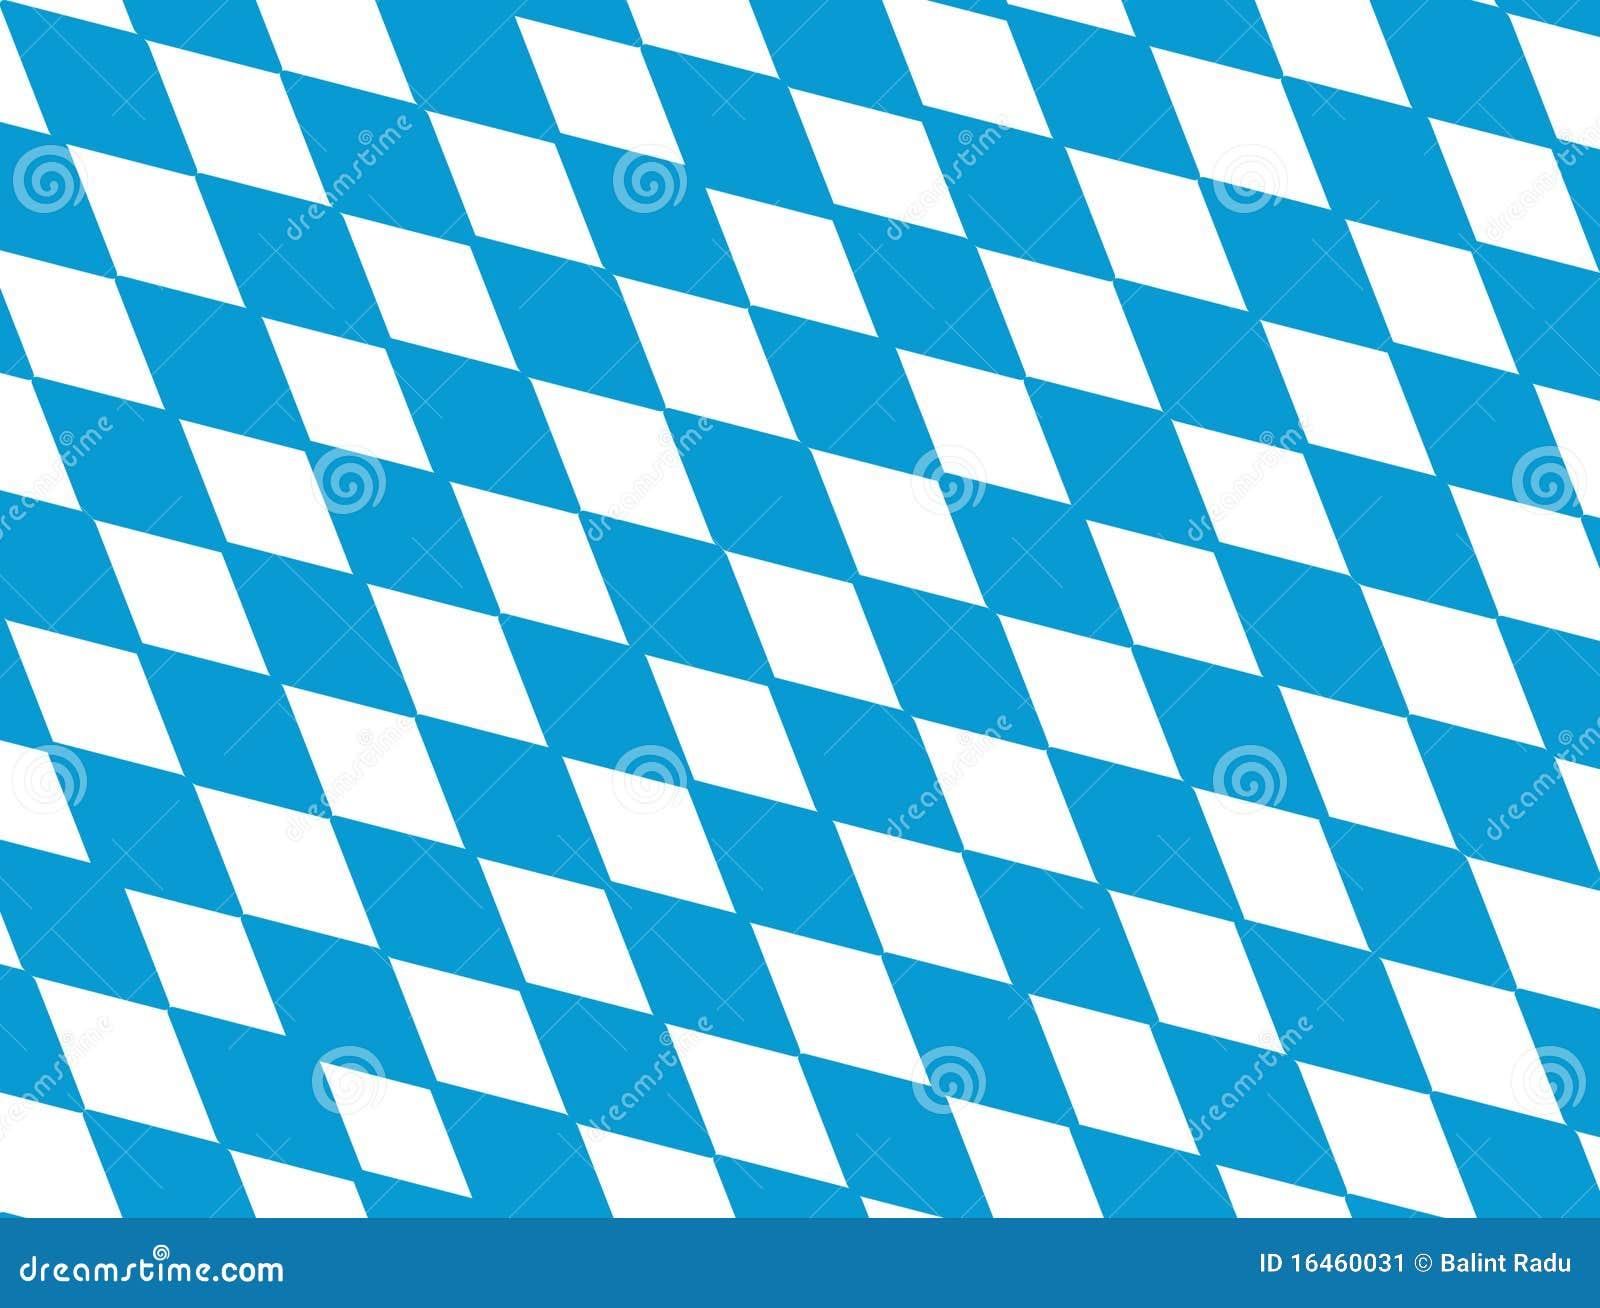 Bavarian Flag Stock Image - Image: 16460031